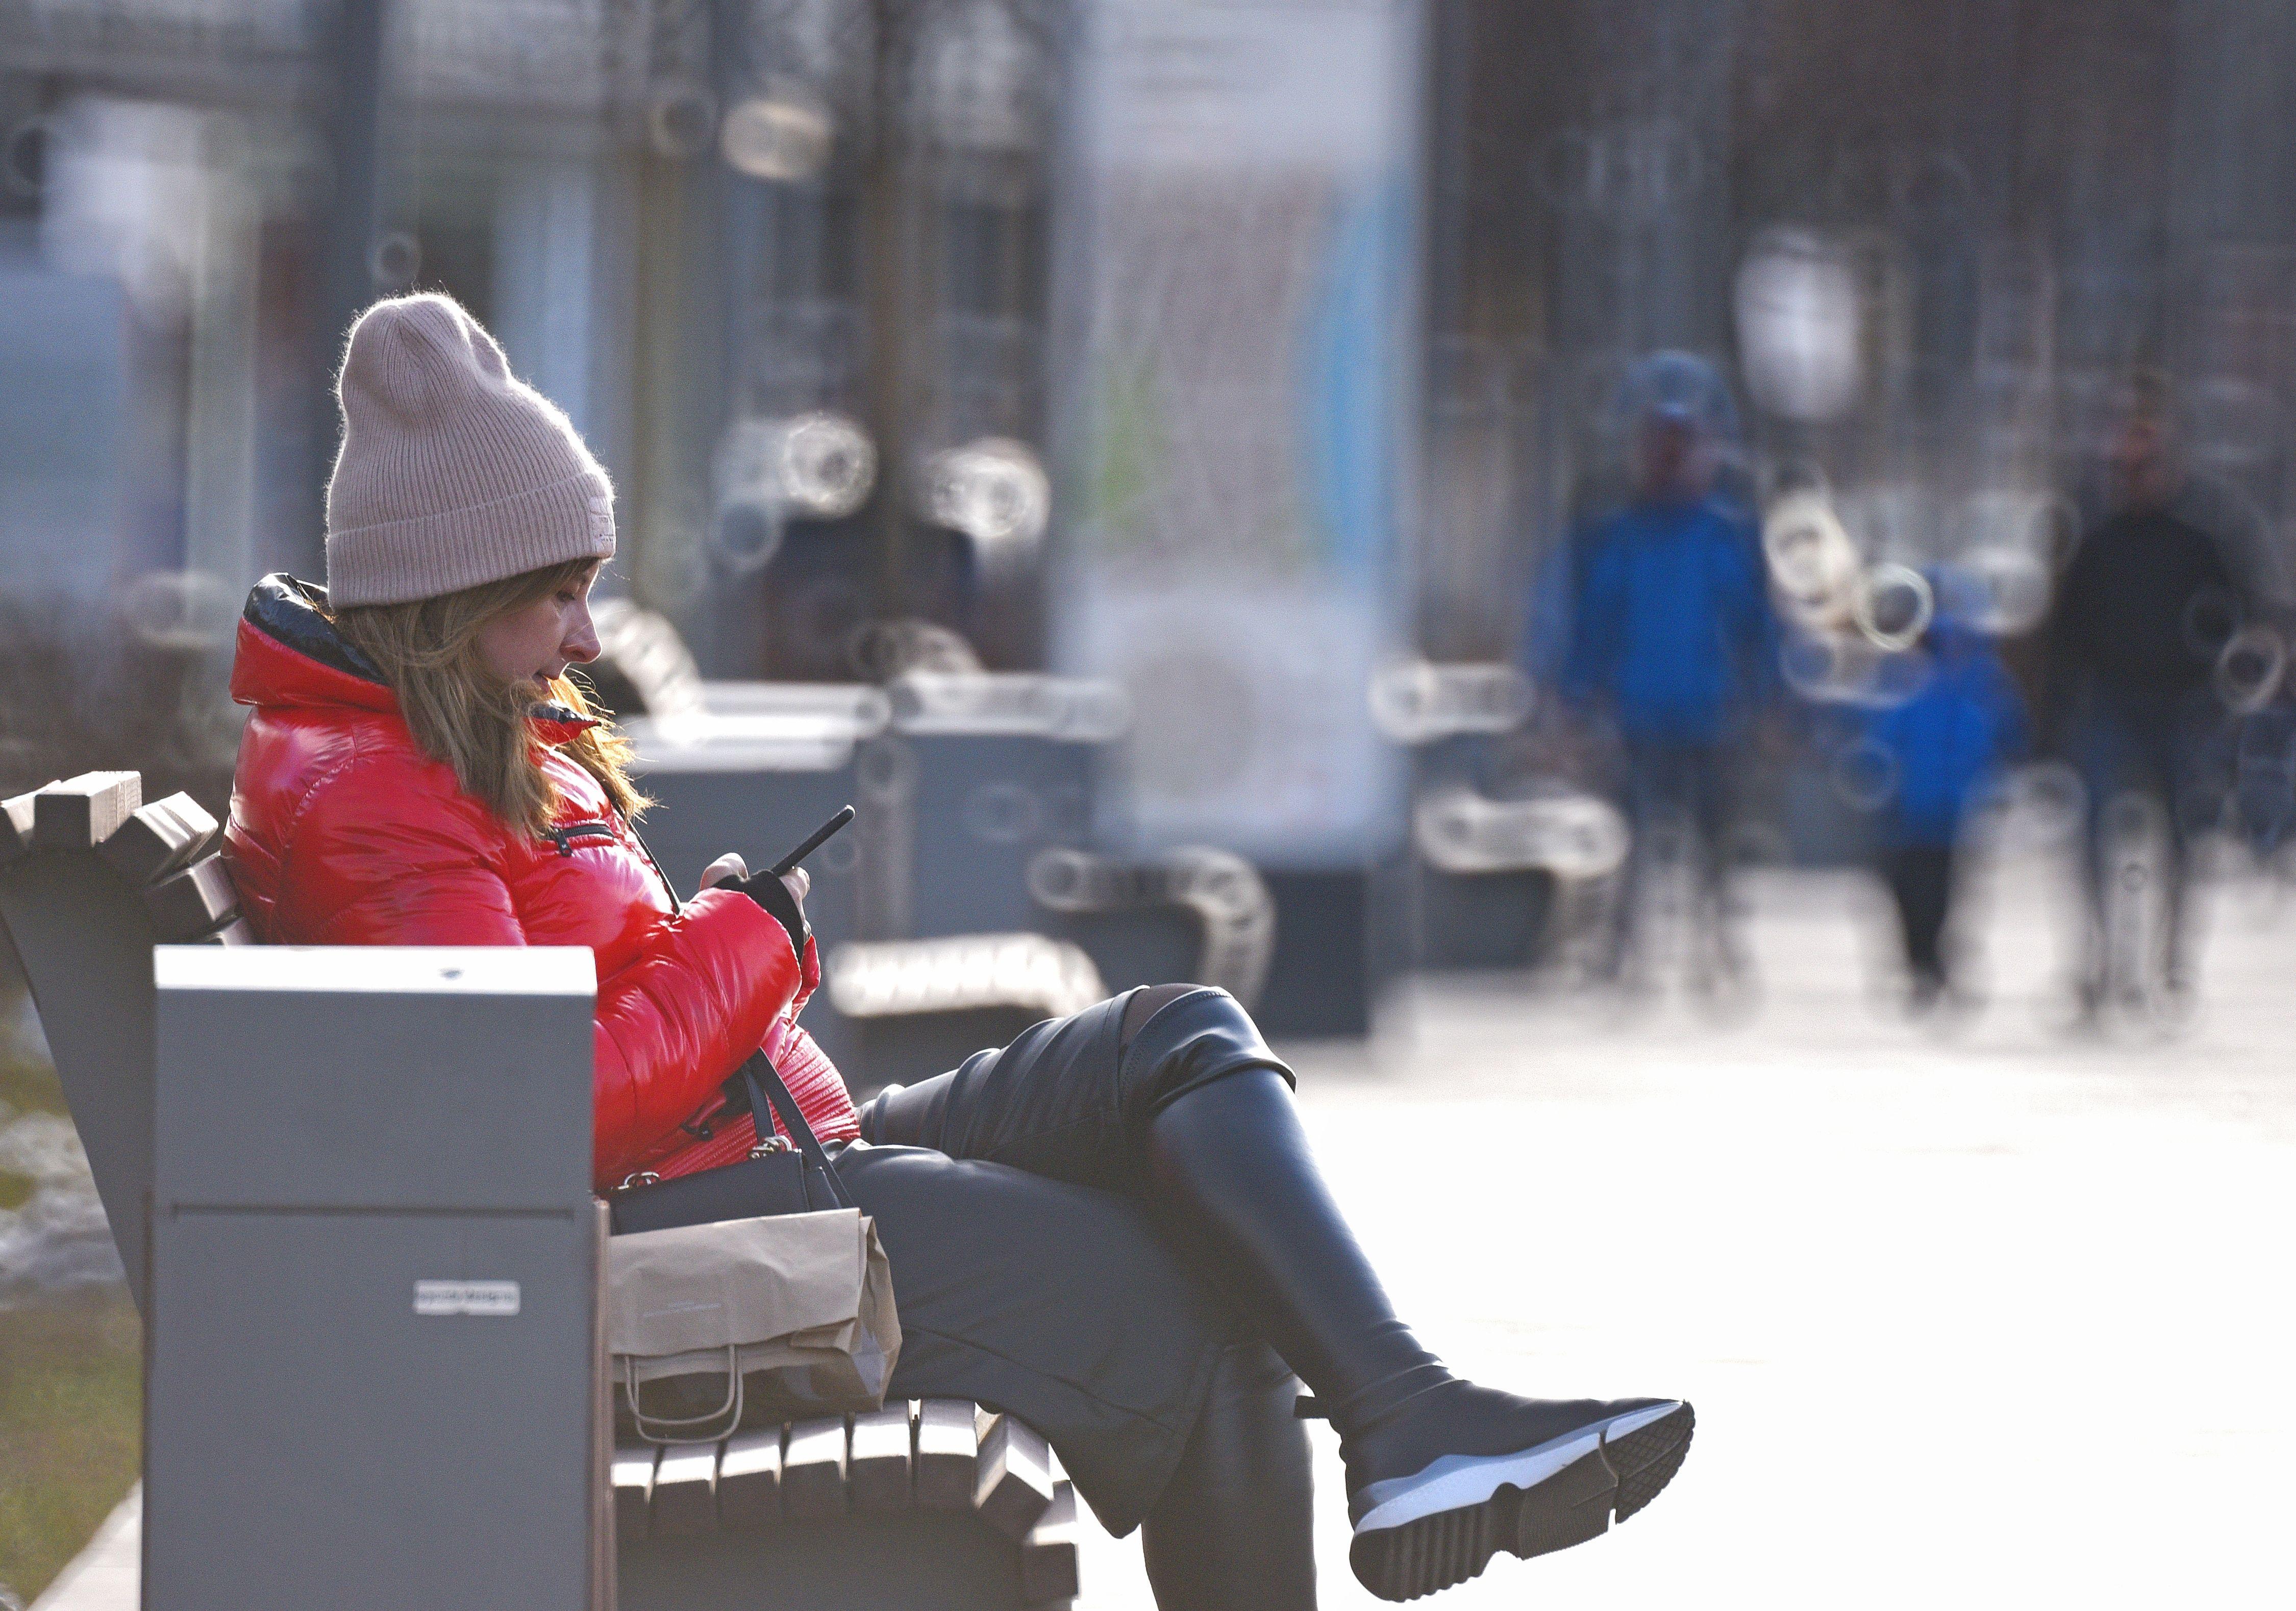 Москвичей ожидает теплая погода в выходные дни.Фото: архив, «Вечерняя Москва»